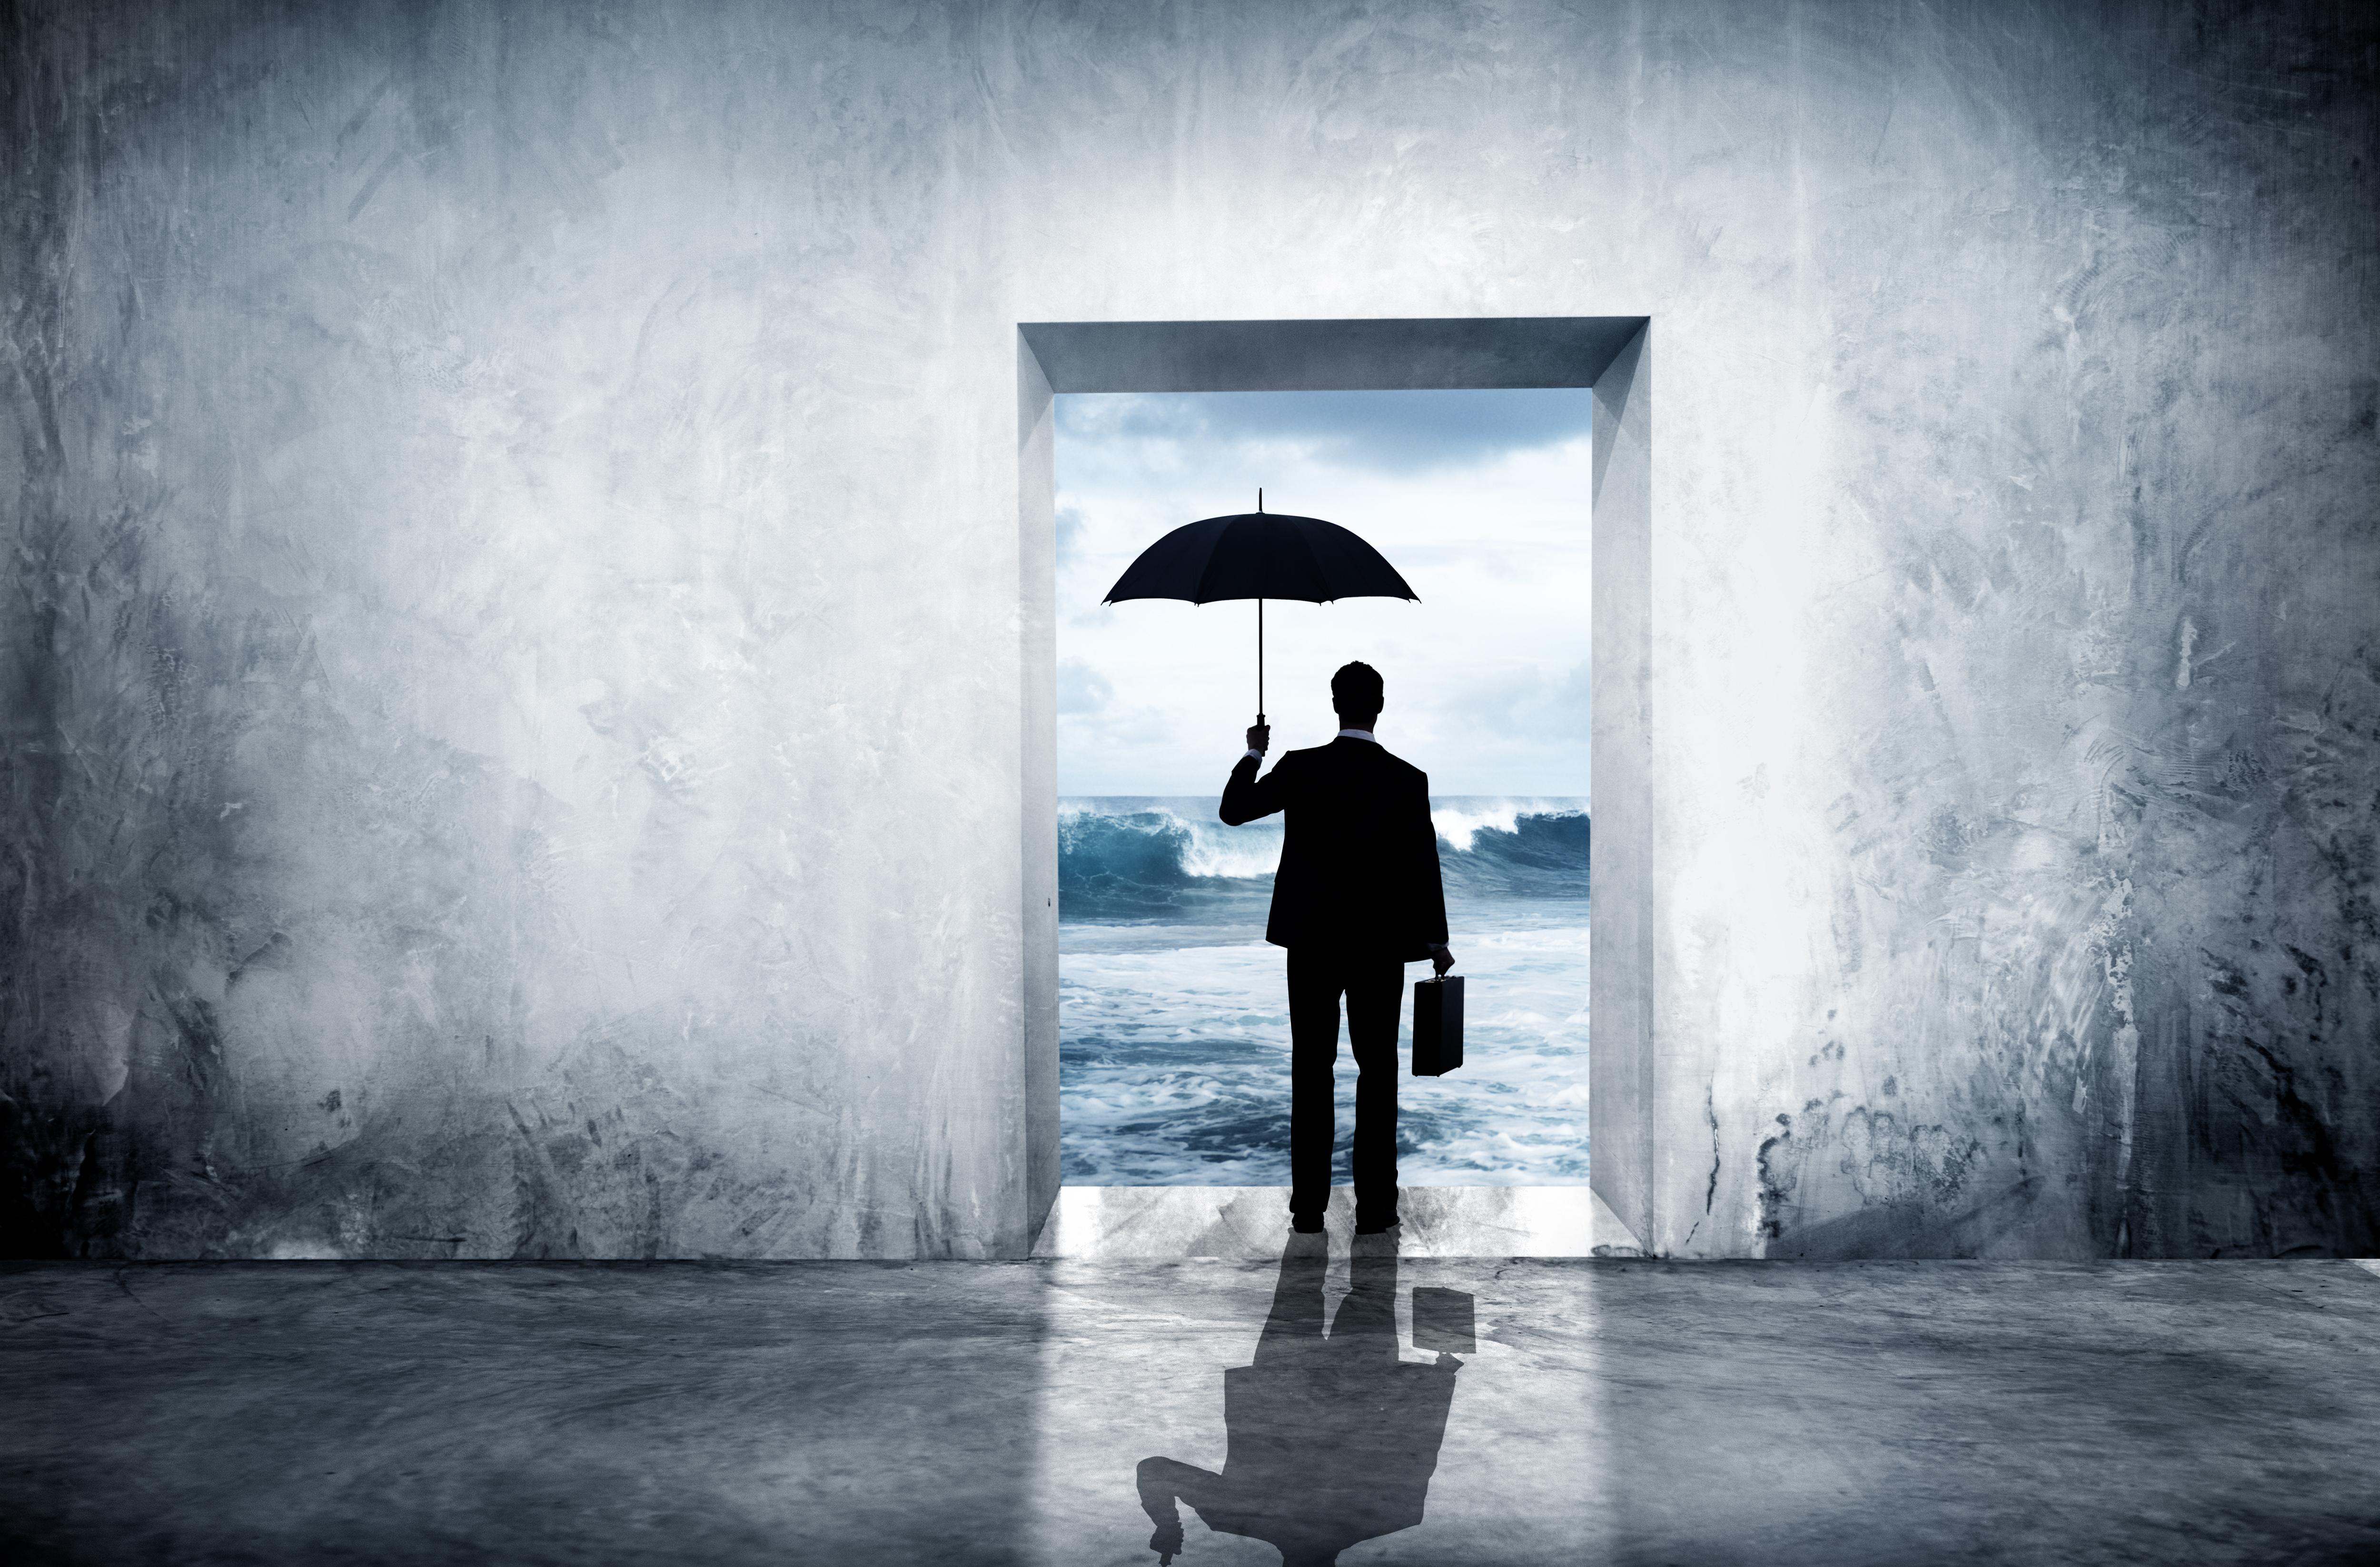 L'assurance chômage pour tous : utopie ou réalité ?